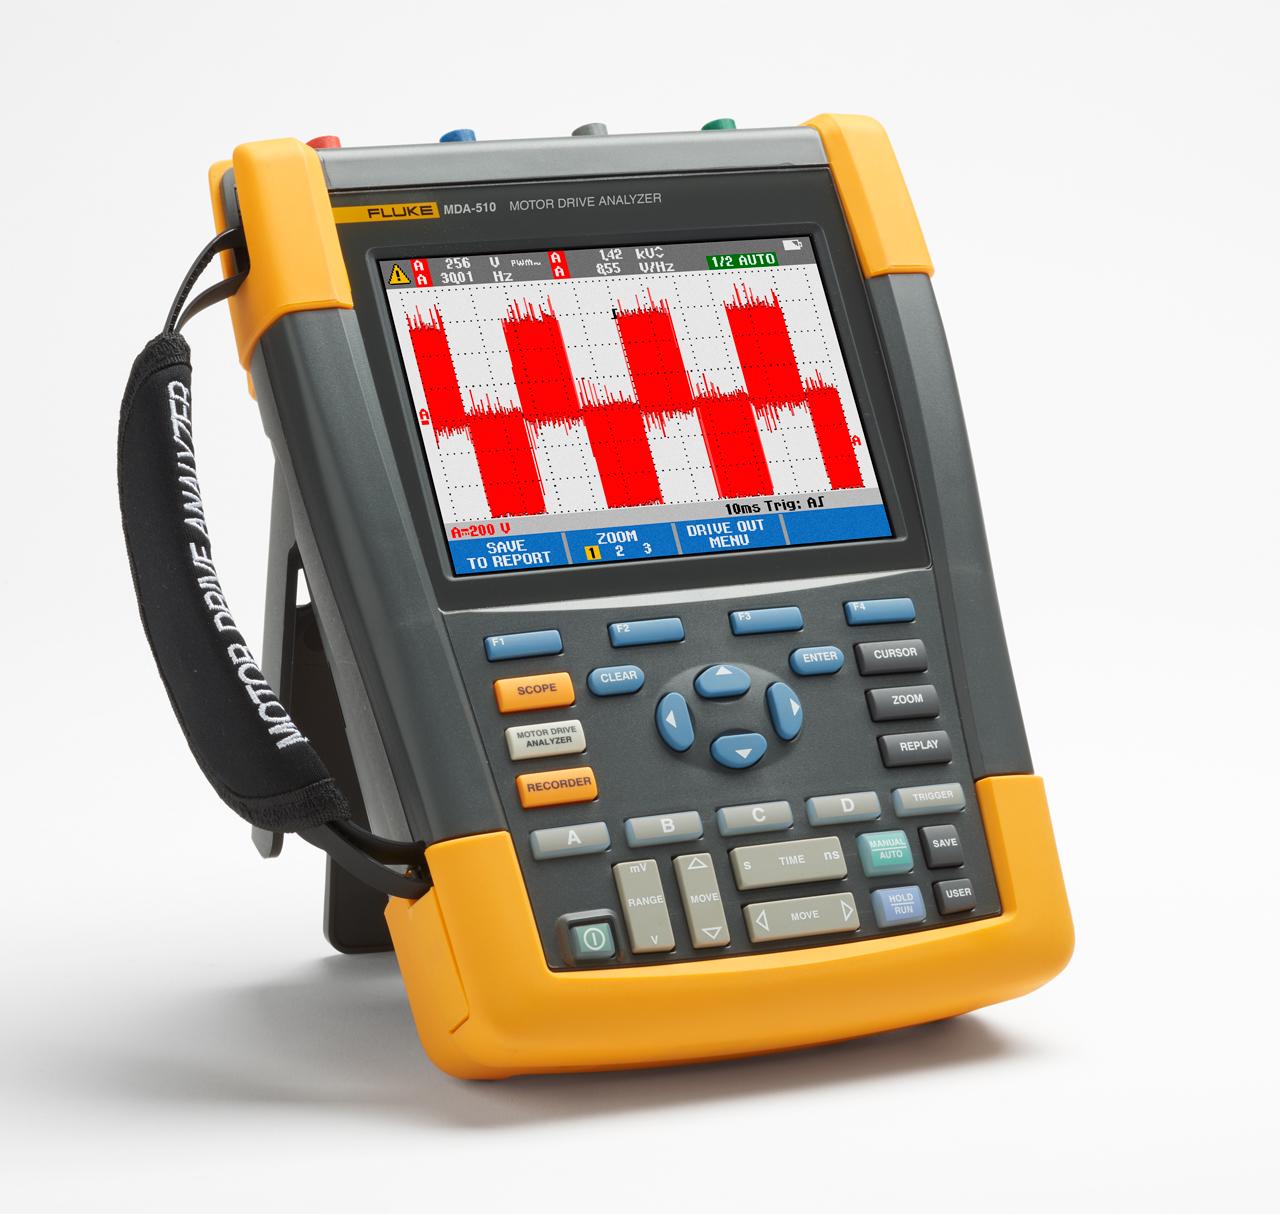 FLUKE MDA-510 - Motor Drive Analyzer 510, 4-channel color